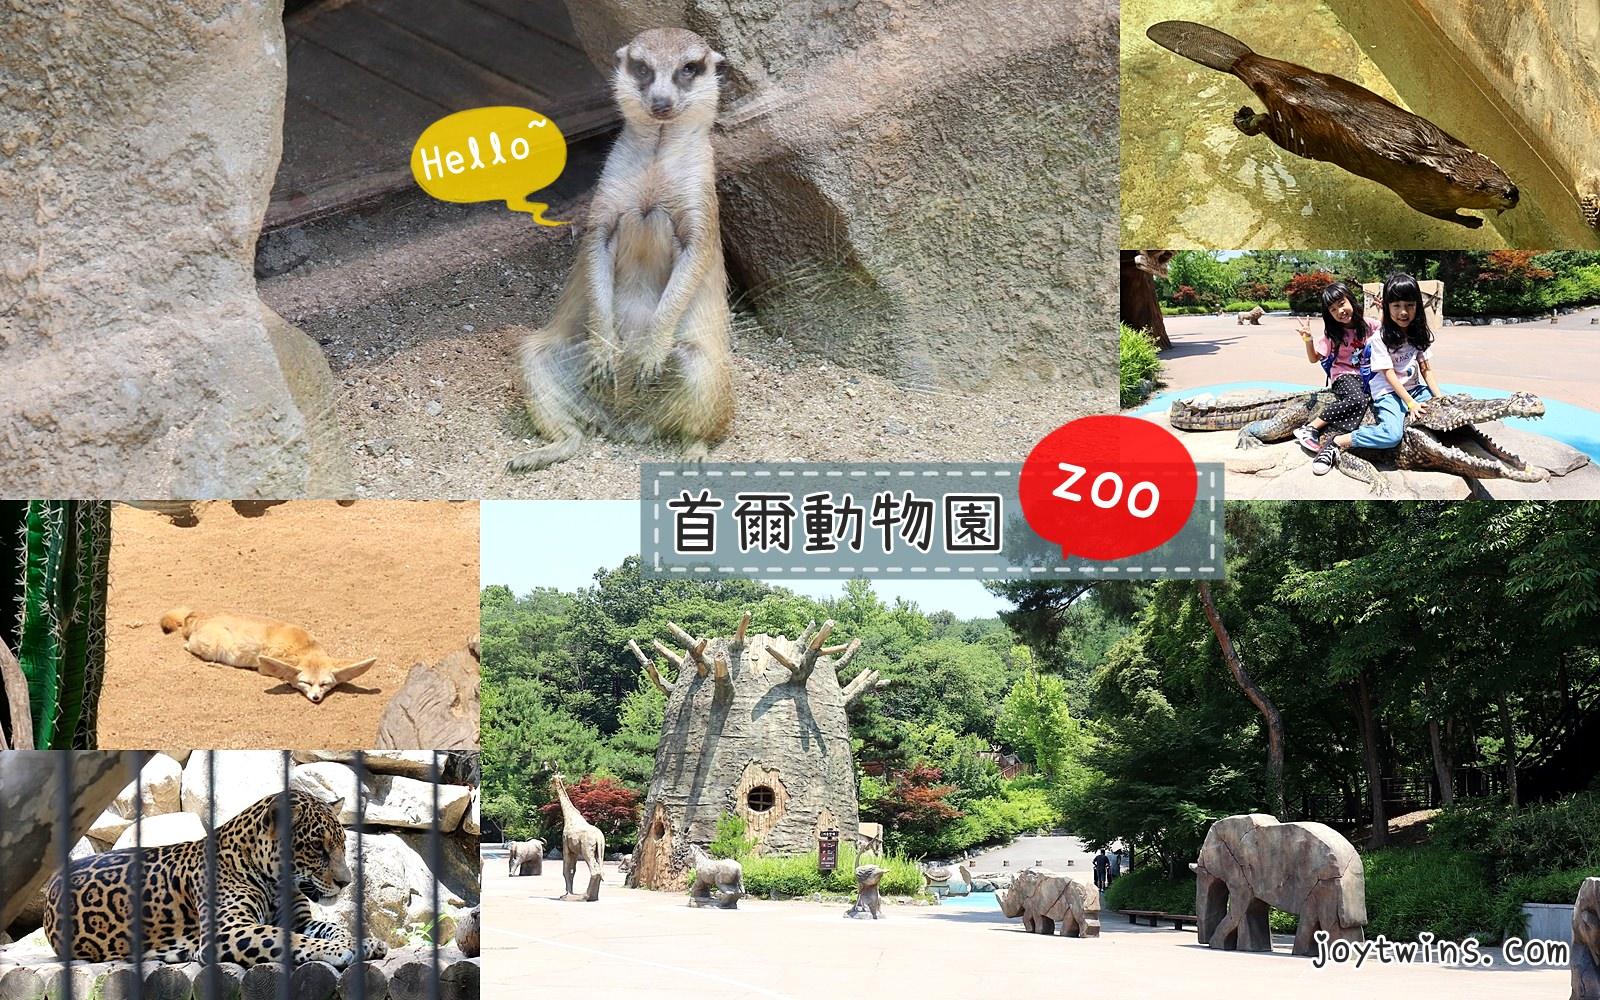 首爾動物園 天空纜車 搭地鐵就能到 與動物互動樂趣多 首爾大公園站2號出口